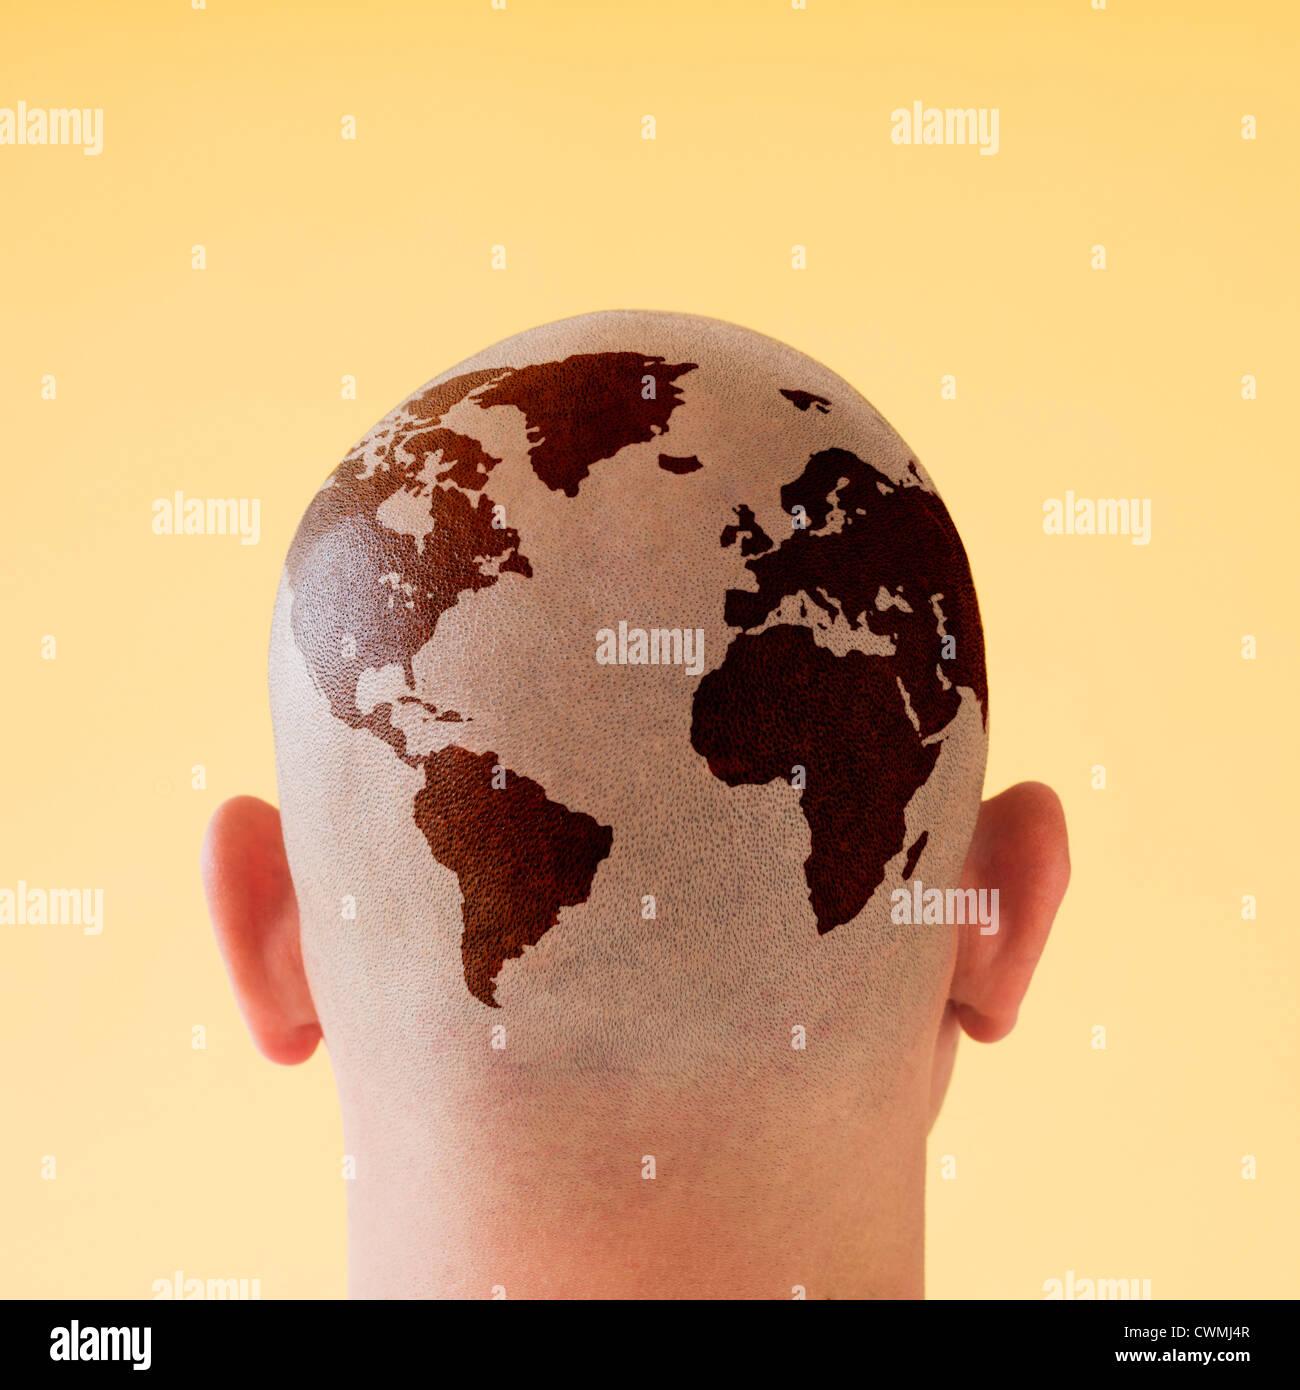 Vista posterior del hombre con mapa del mundo en la cabeza rapada Imagen De Stock